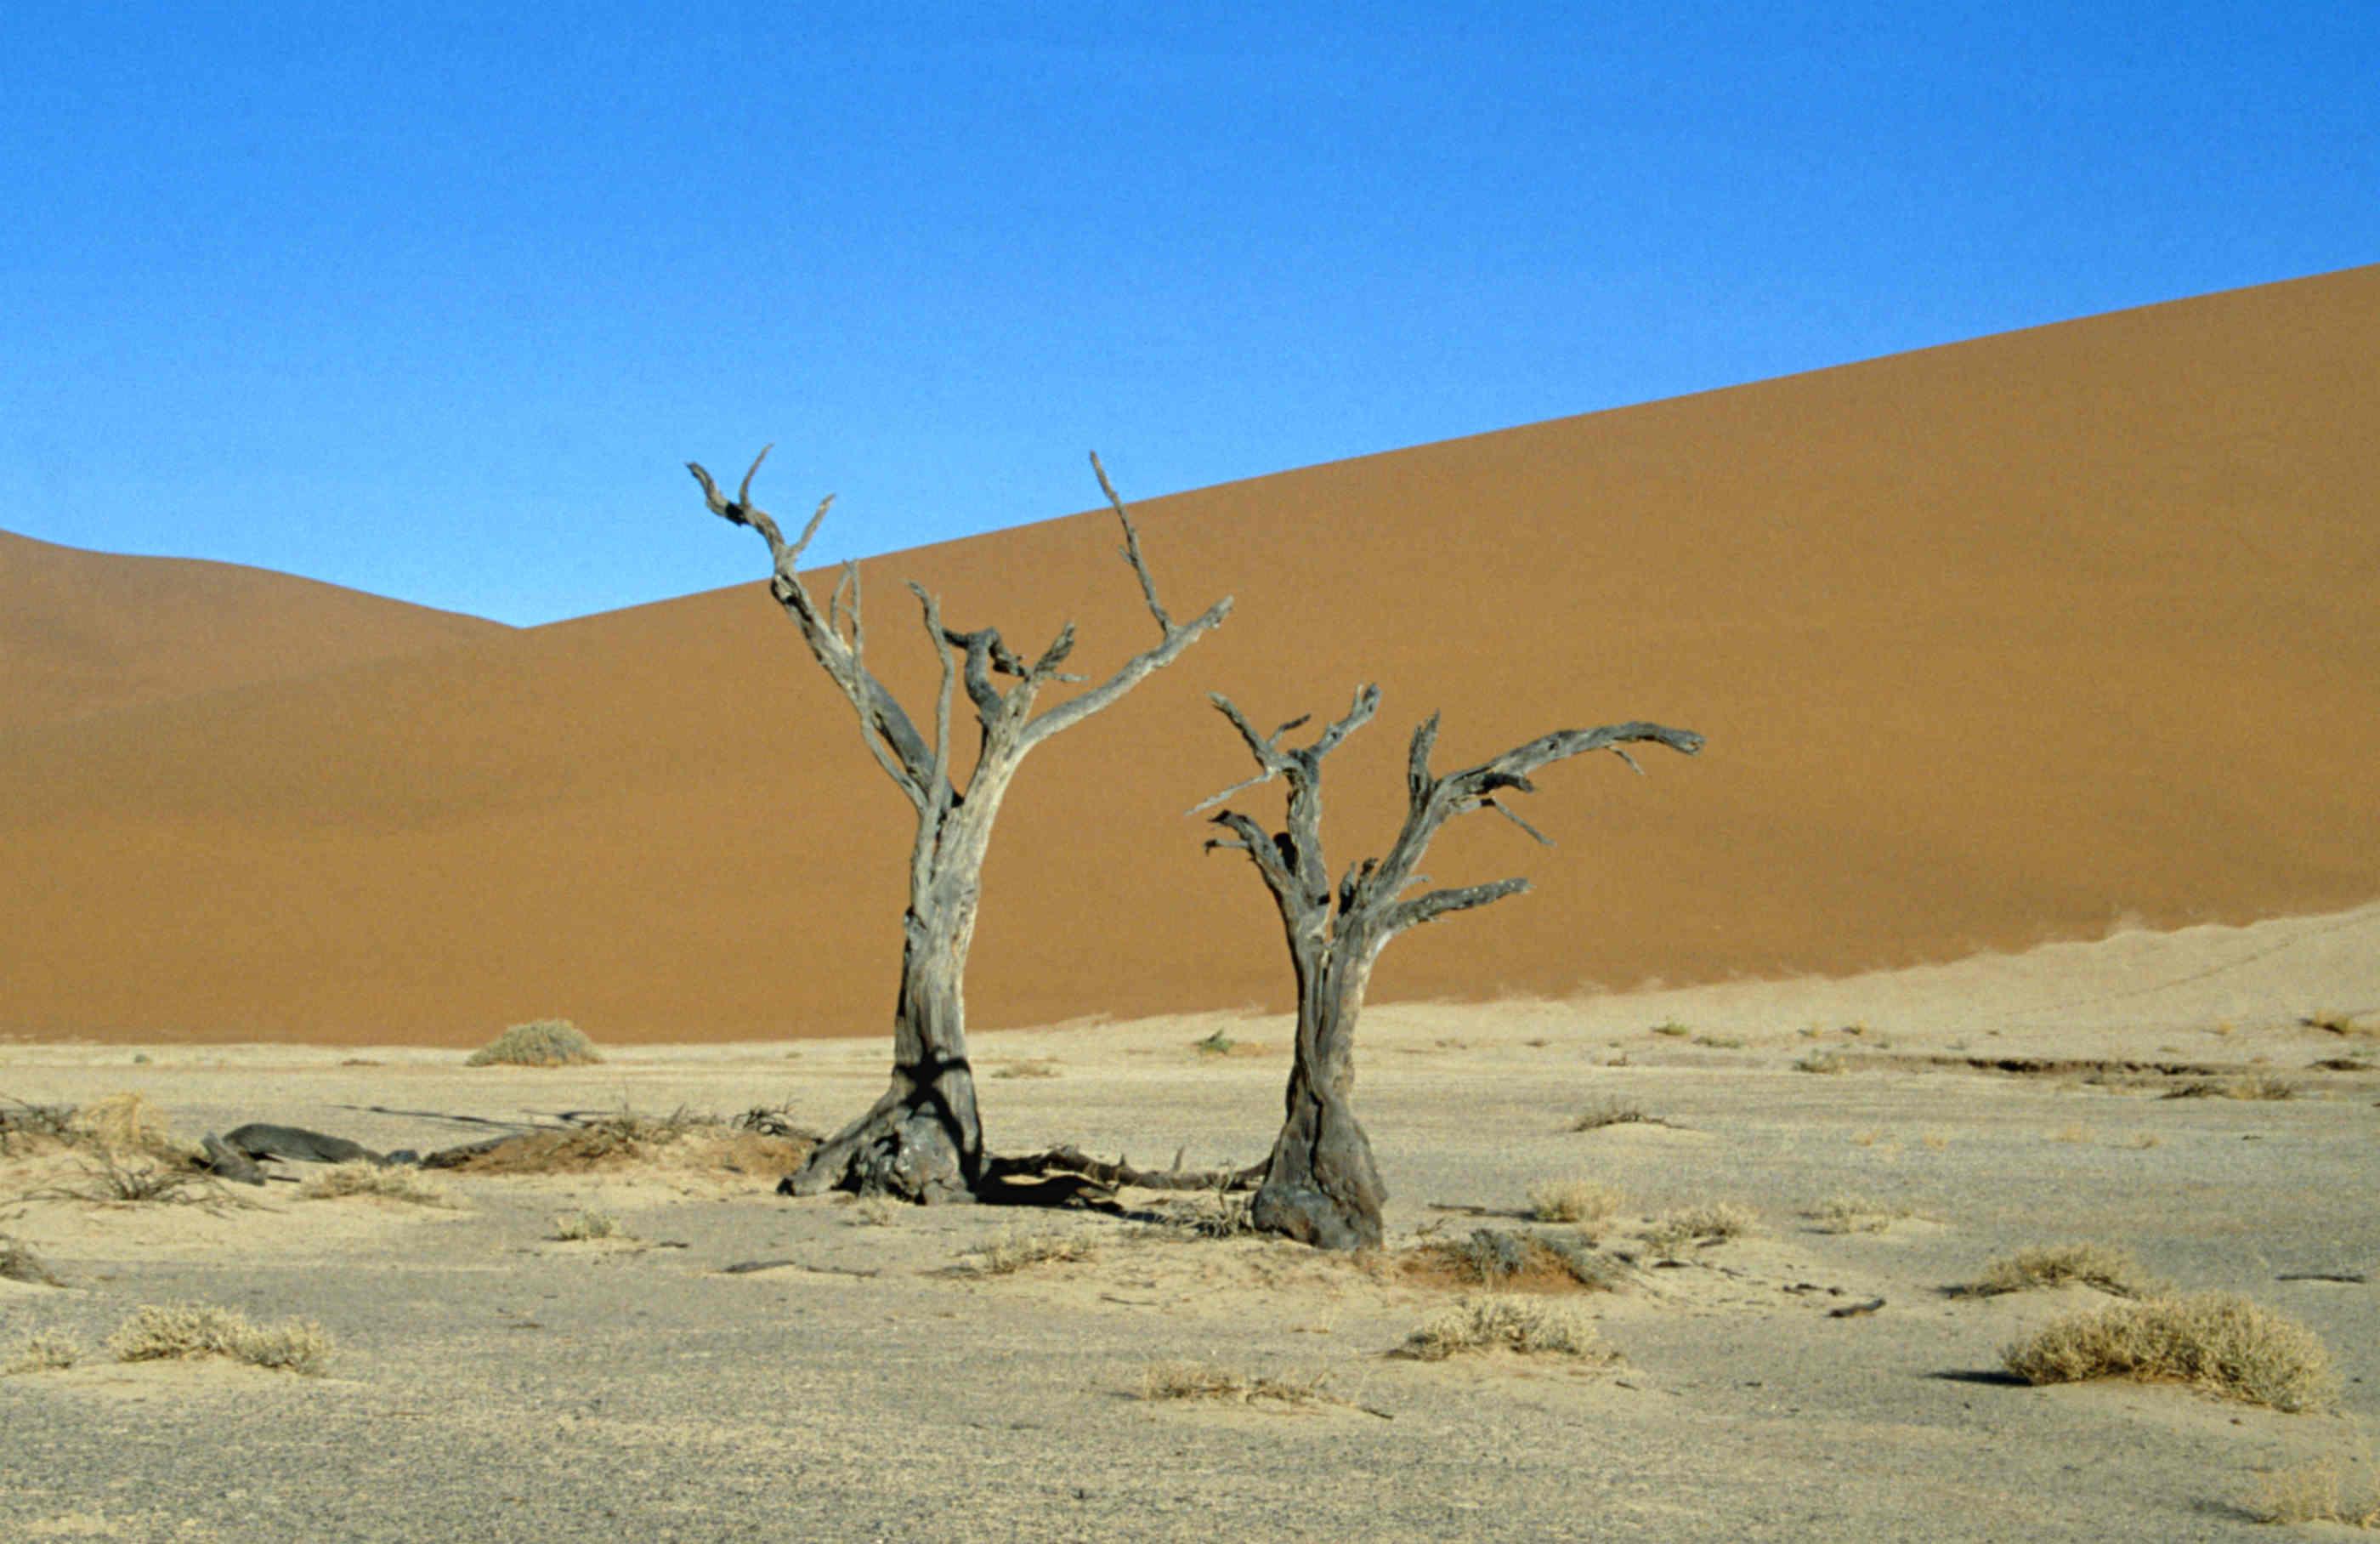 Südafrika_Namibia_Sambia_Sossousvlei